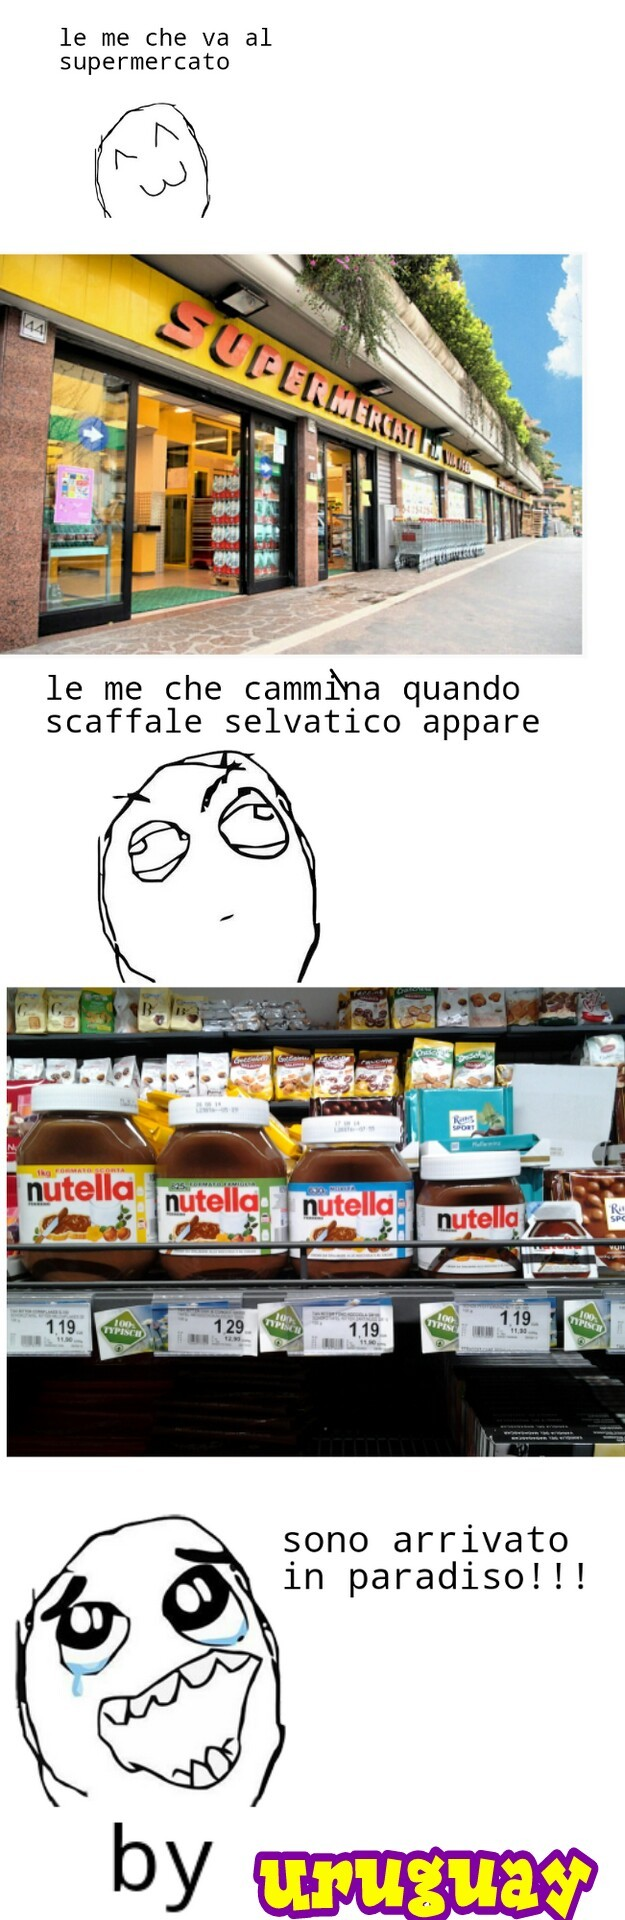 adoro la Nutella!!!!! - meme